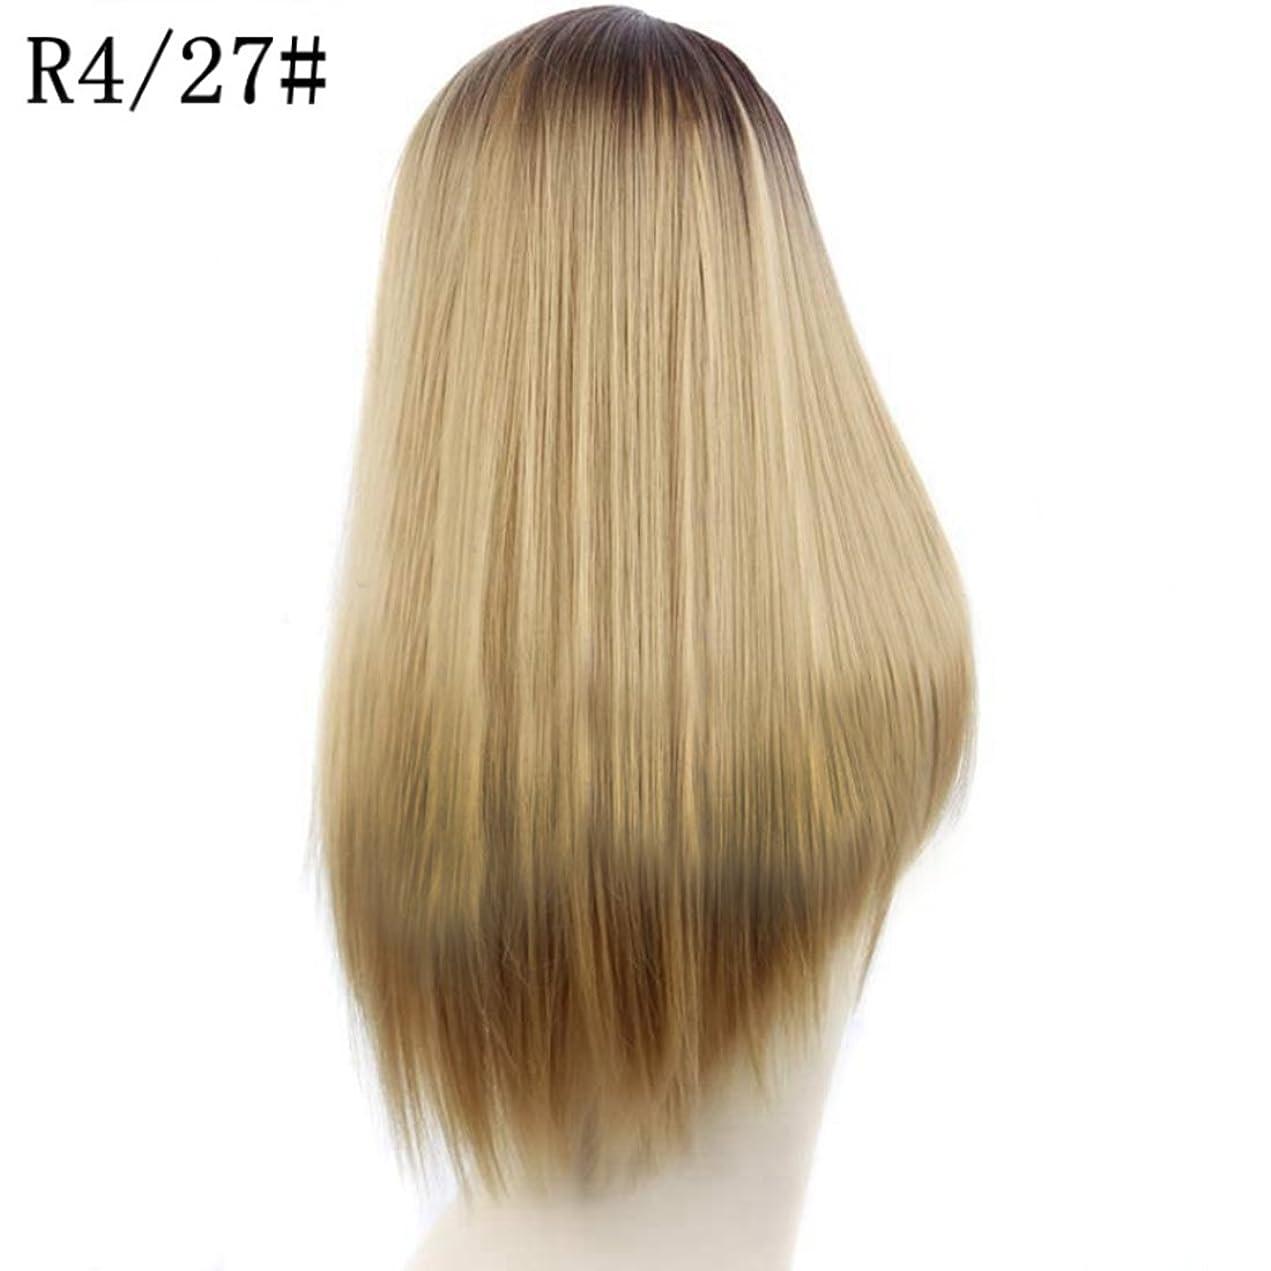 樫の木飲食店既婚Koloeplf 女性のための高温ウィッグフラットバンズウィッグの長いストレートヘア26inchの長さの自然な色のグラデーション (Color : R4/27#)